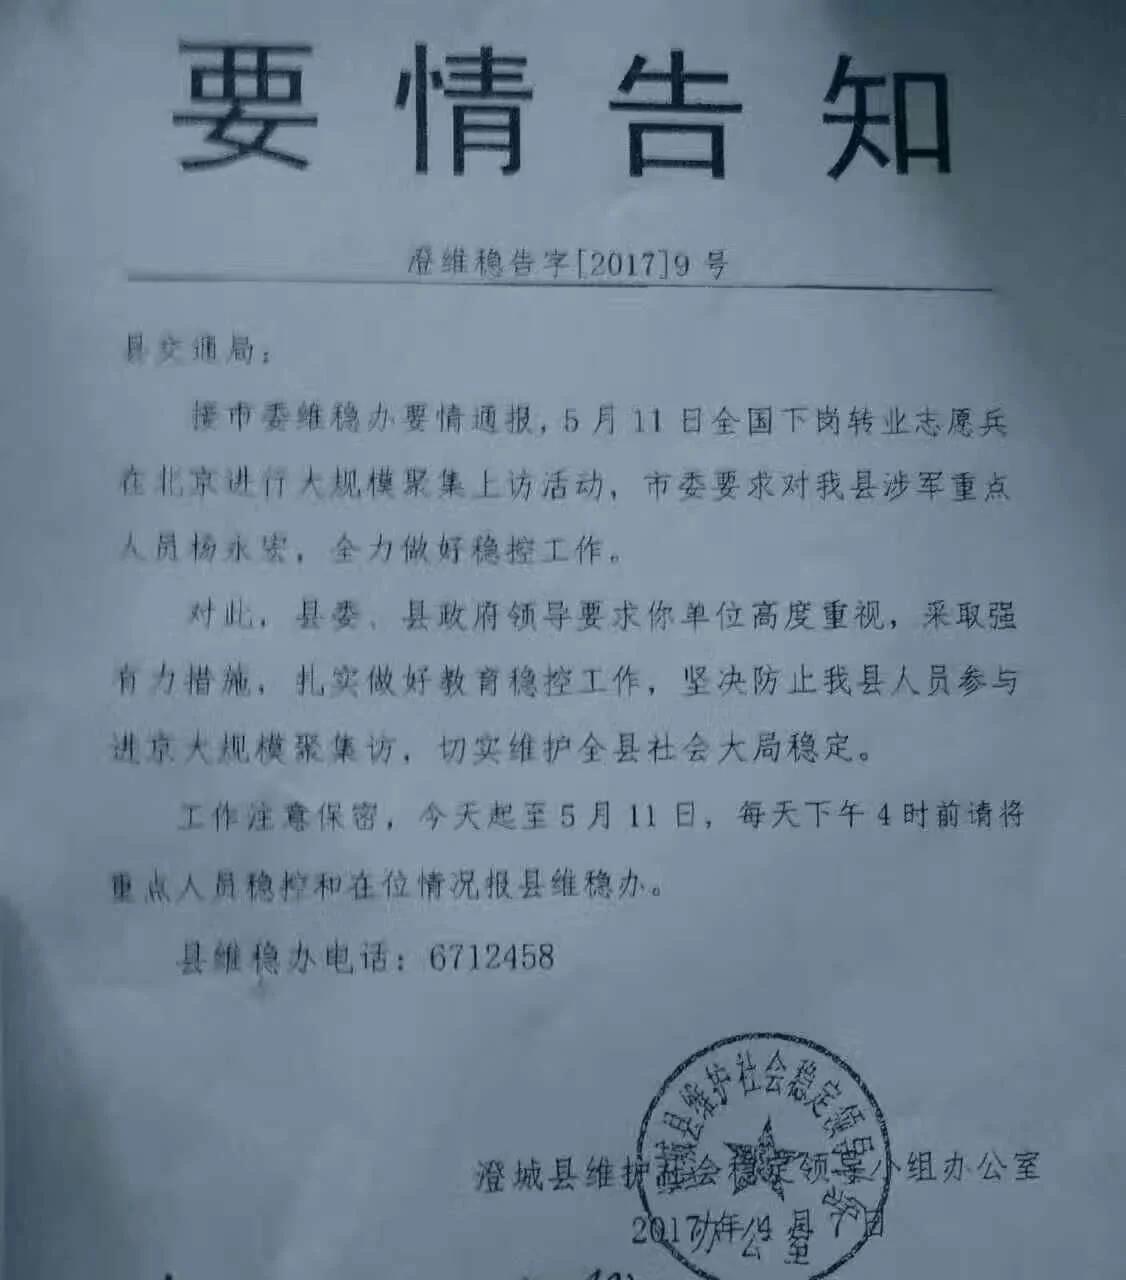 全国伤残老兵再次进京维权 数十人被抓 地方维稳通告曝光